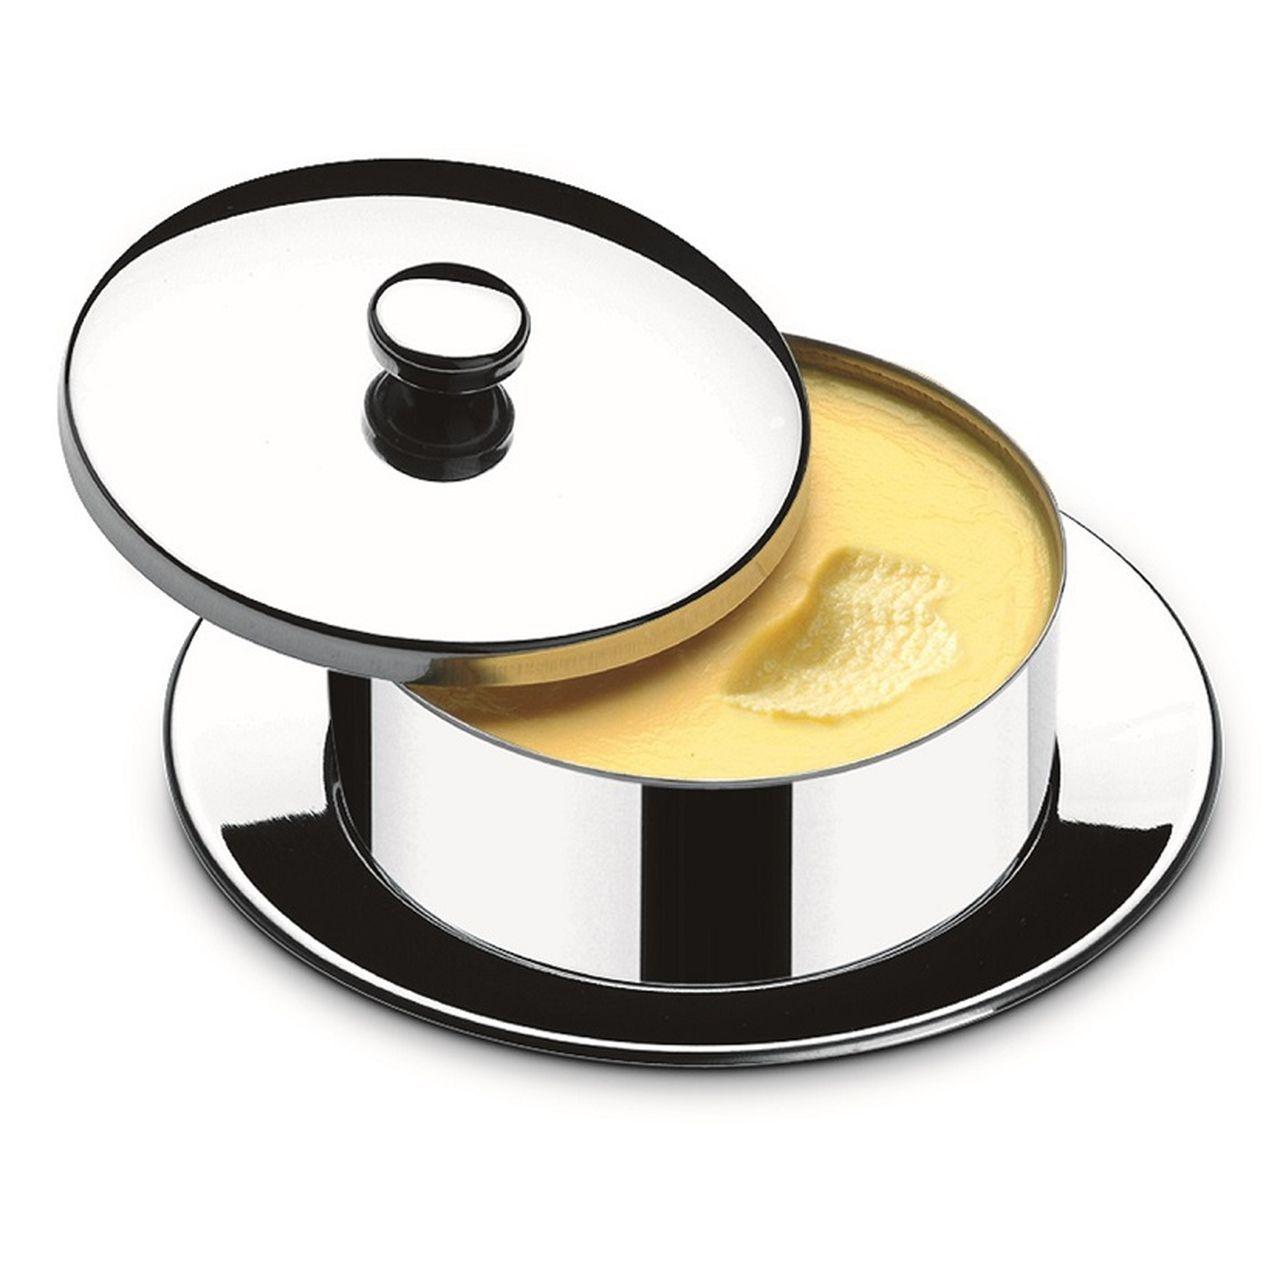 Kit Conjunto Para Frios e Manteigueira Aço Inox 5 Peças Atina Brinox